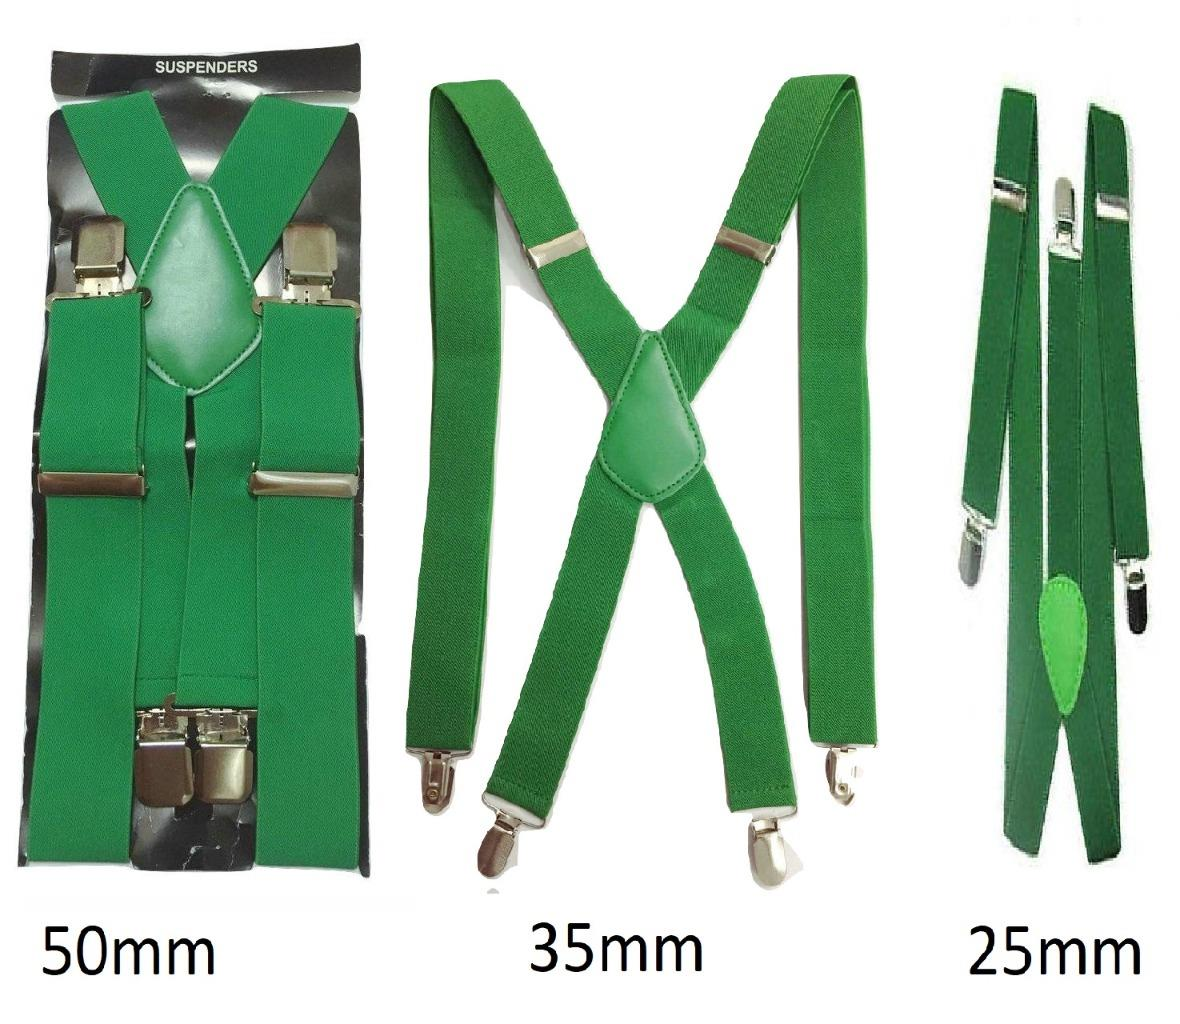 neues Hoch laest technology heiß-verkaufendes spätestes Details zu Grün Herren Damen Hosenträger Elastisch Breit Langlebig Hose  25mm 35mm 50mm